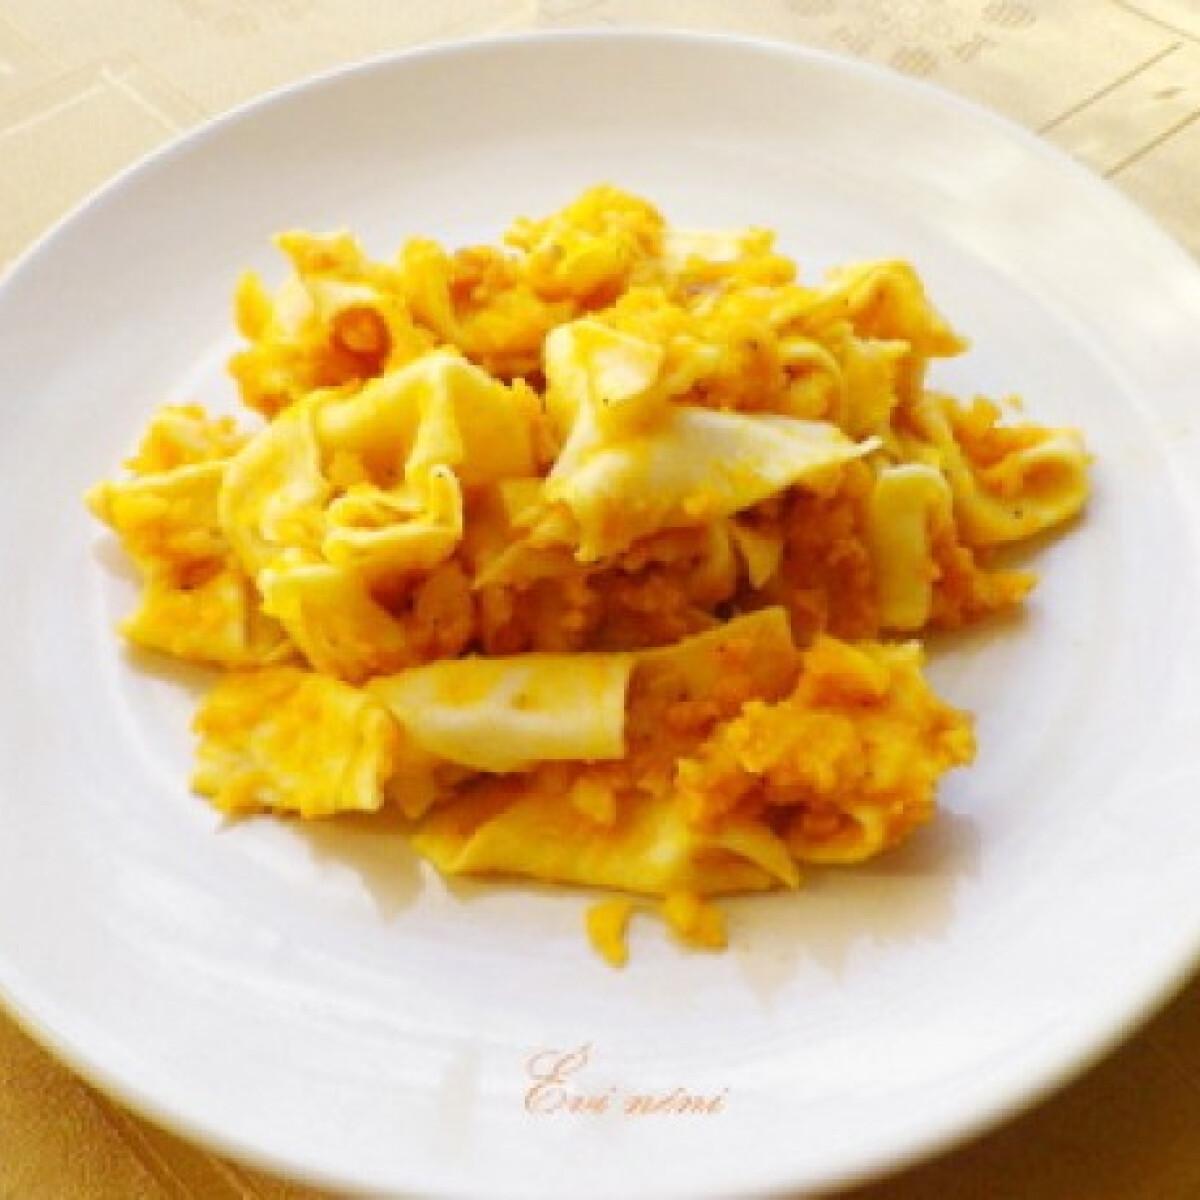 Ezen a képen: Krumplis tészta Évi néni konyhájából